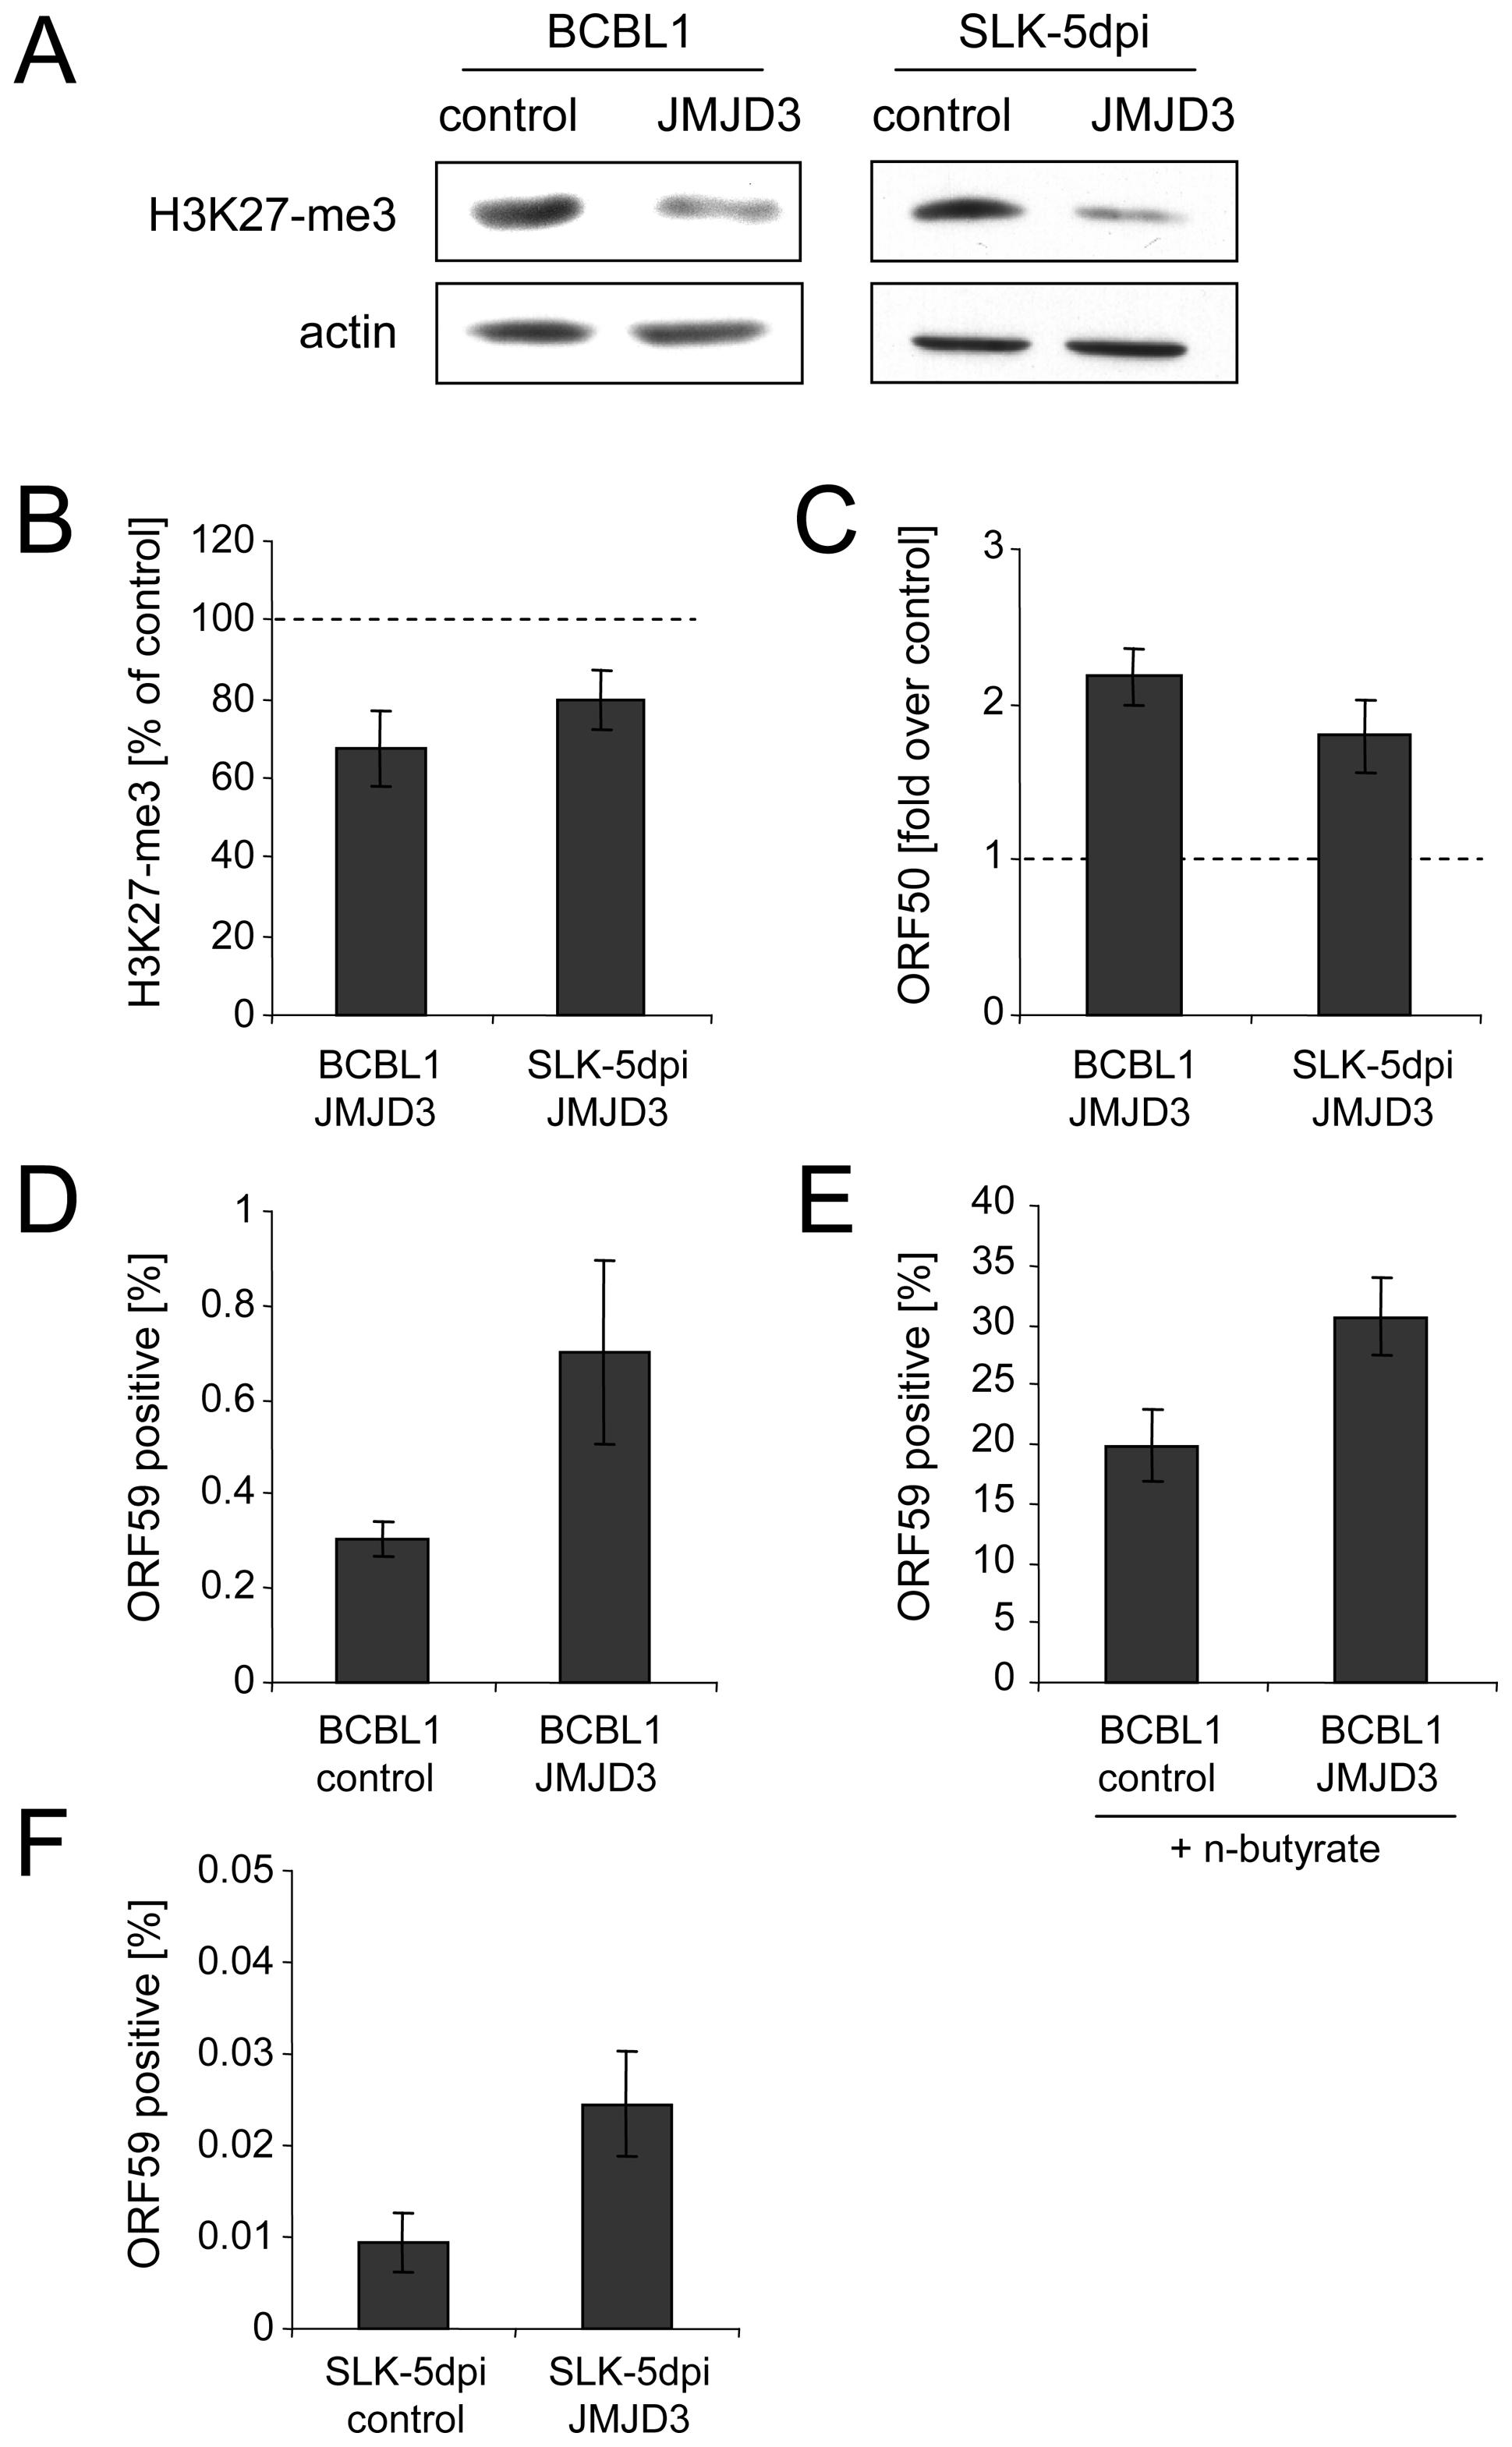 Consequences of JMJD3 expression in BCBL1 and <i>de novo</i> infected SLK cells.